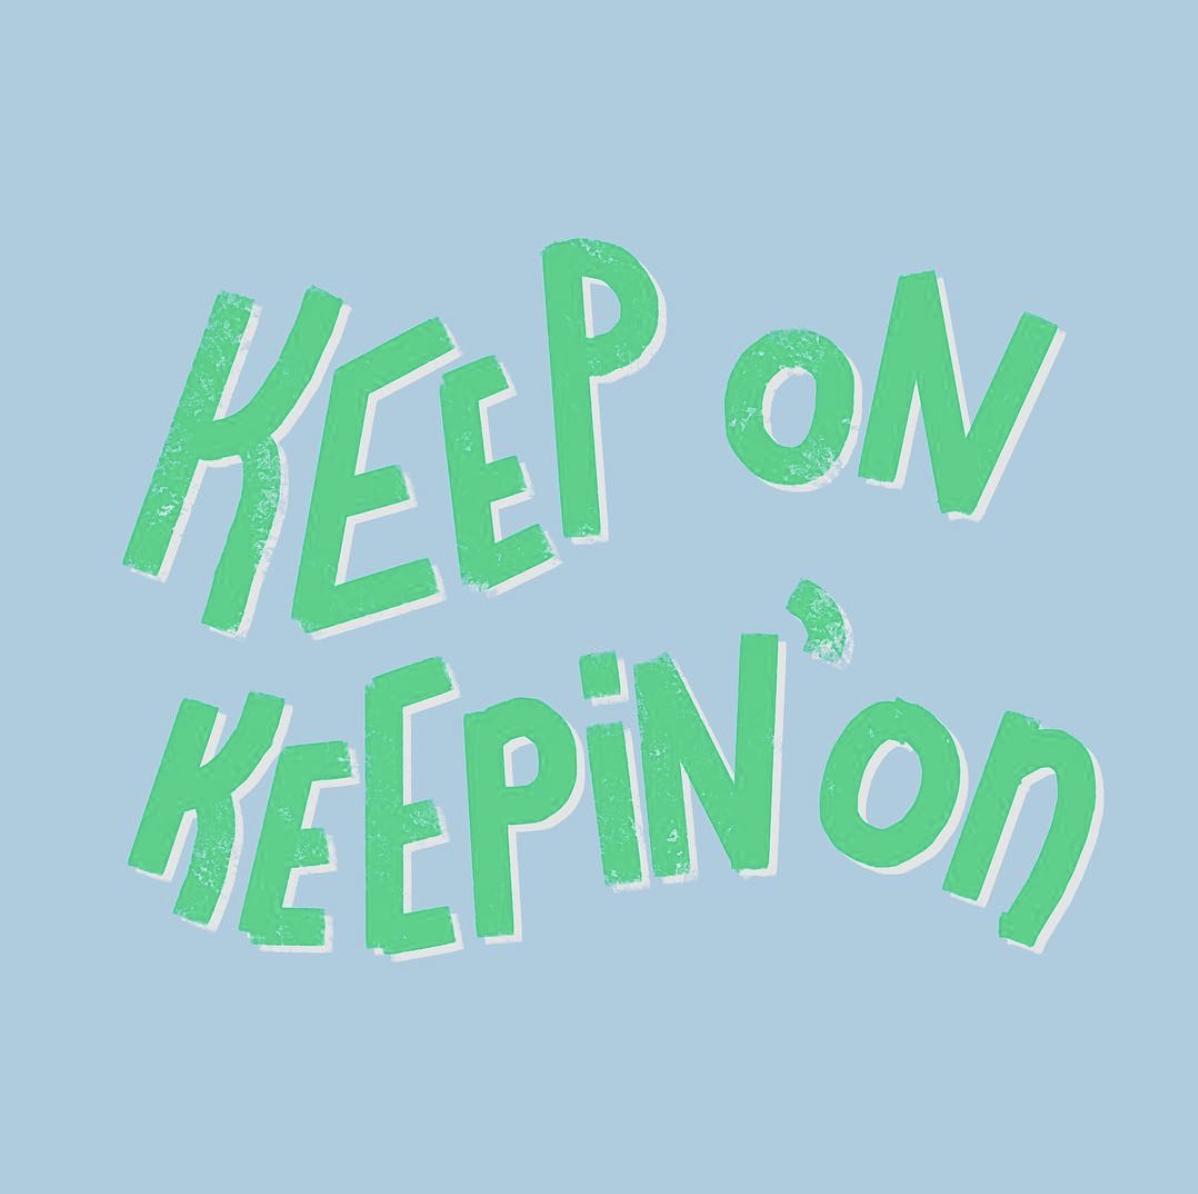 KeepOnKeepinOn.png